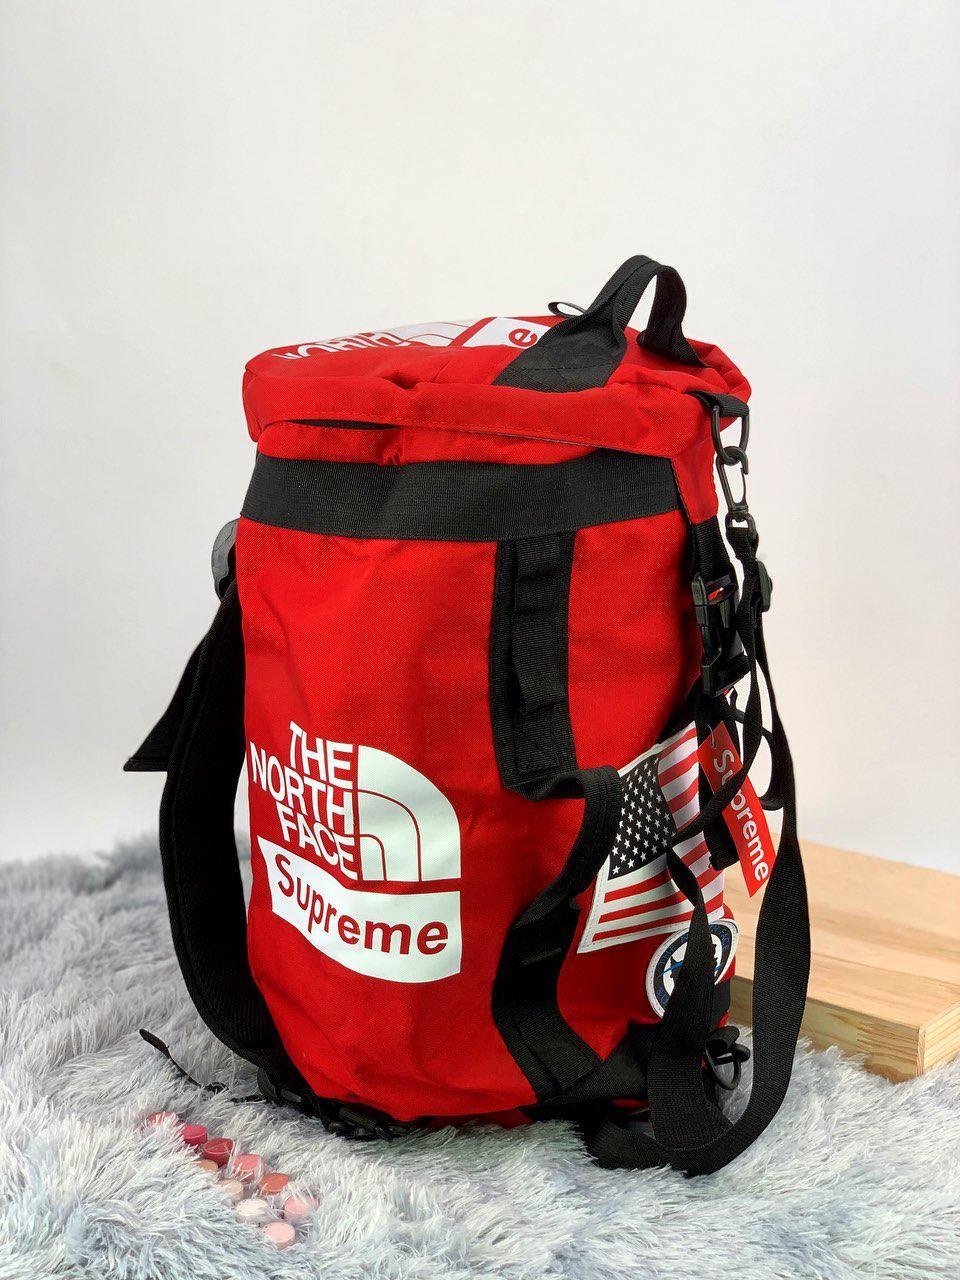 Рюкзак в стиле The North Face x Supreme